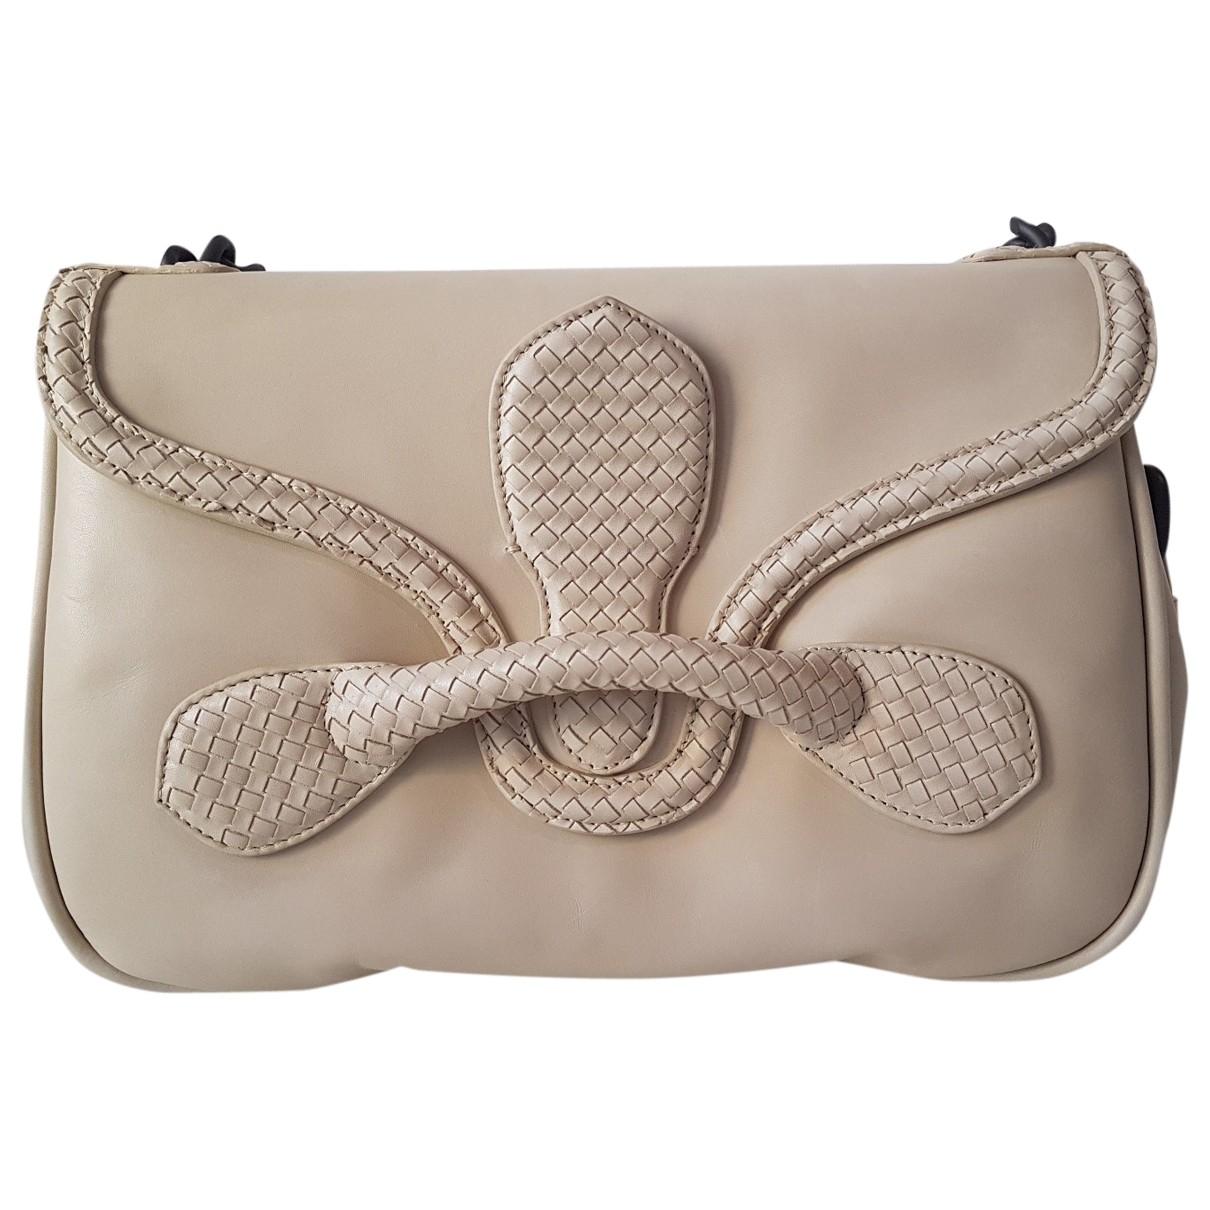 Bottega Veneta \N Handtasche in  Beige Leder